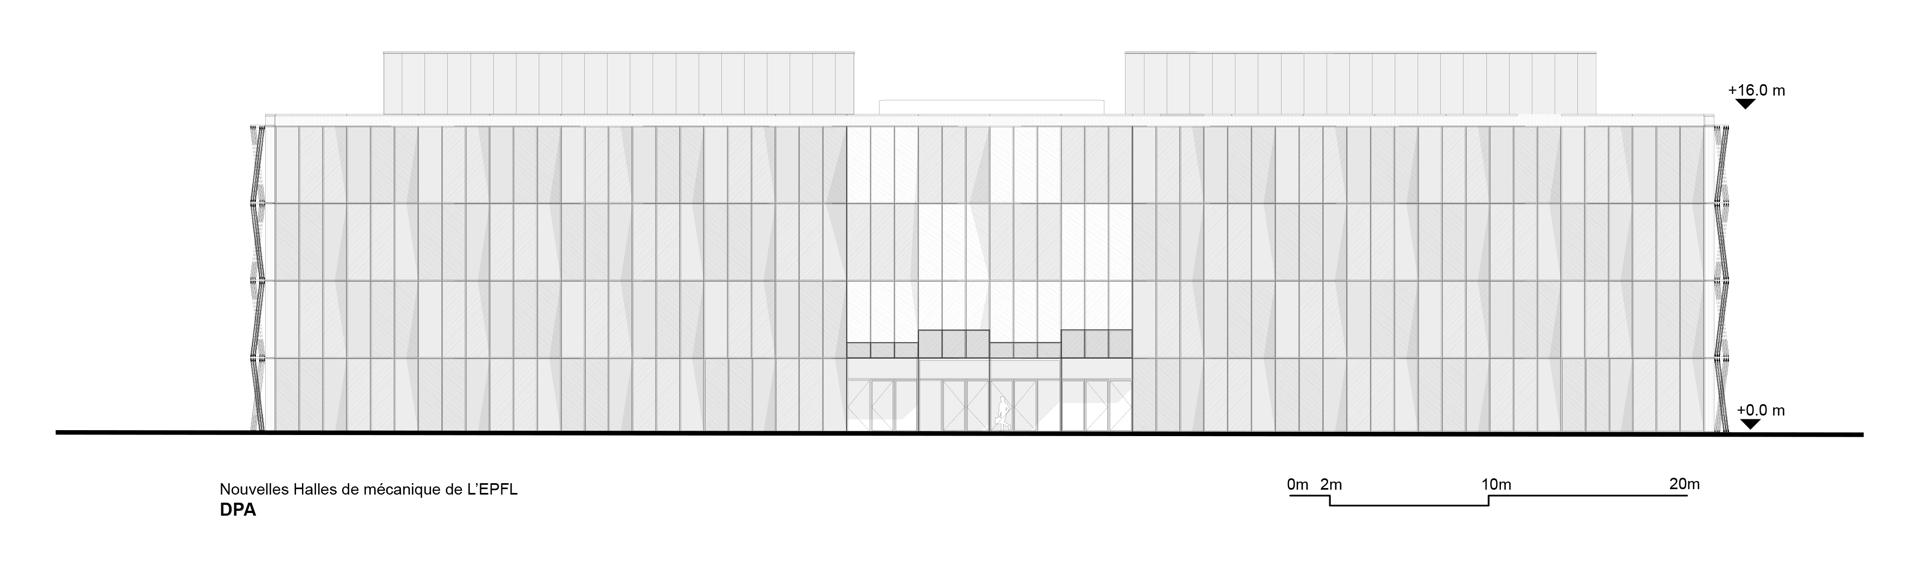 Dominique Perrault: recupero dell'ME building nell'EPFL Losanna